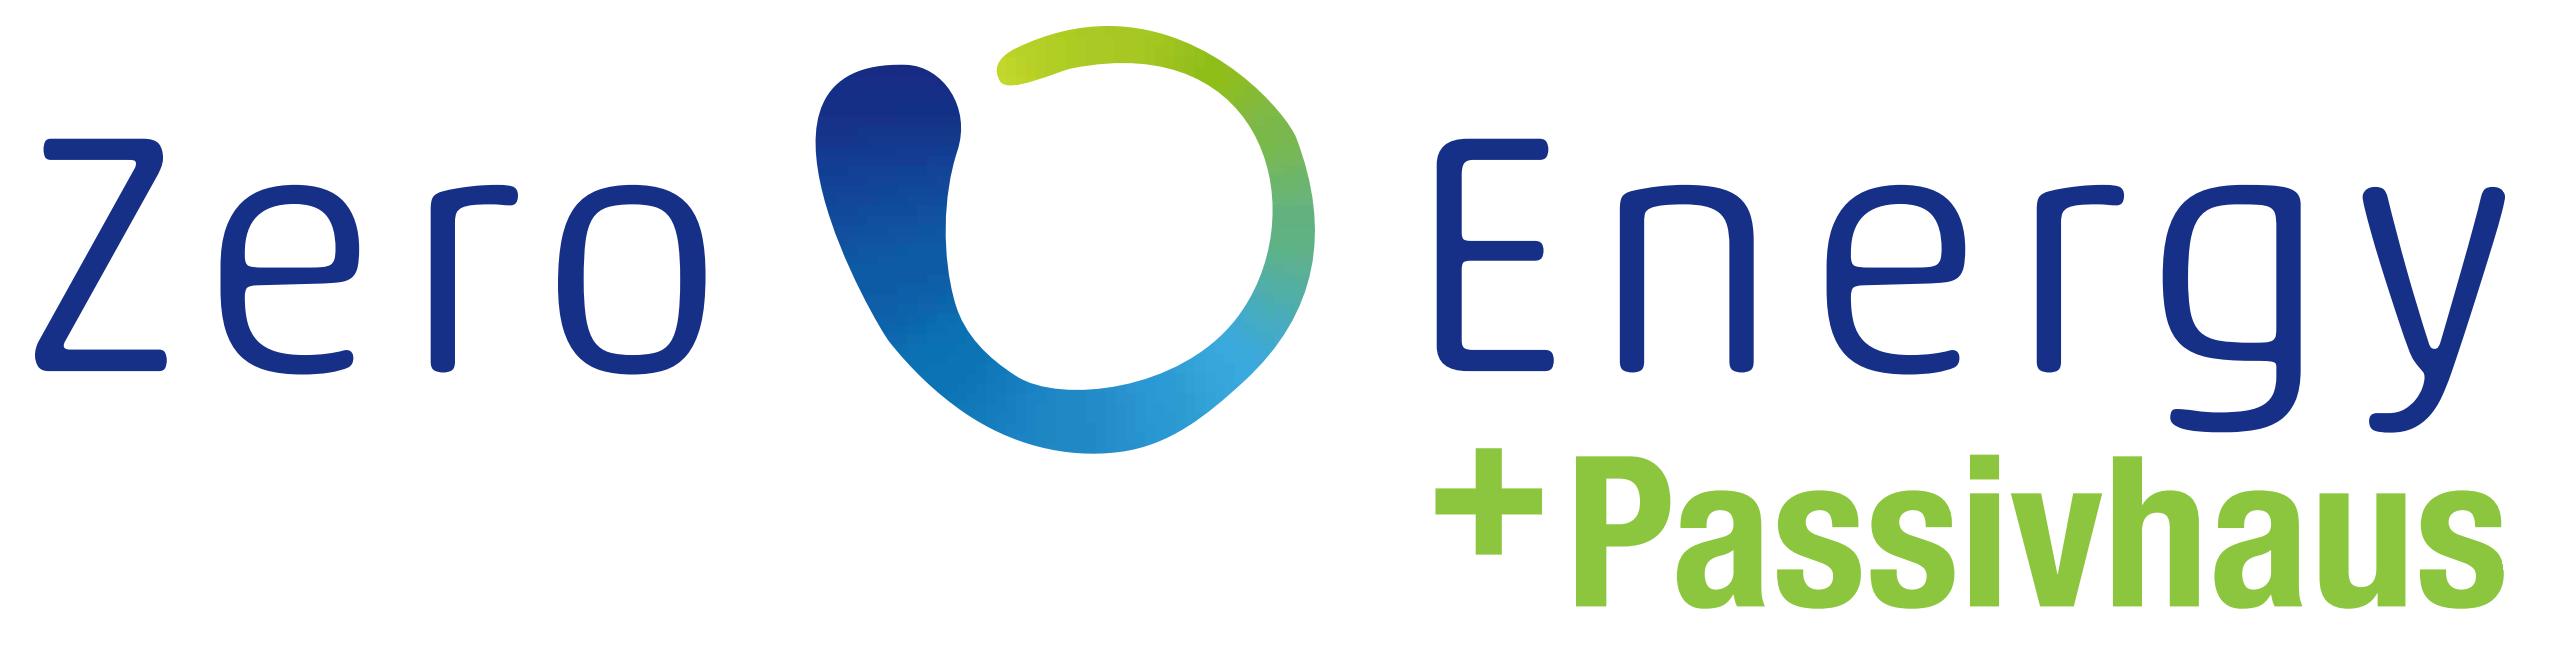 Zero Energy + Passivhaus